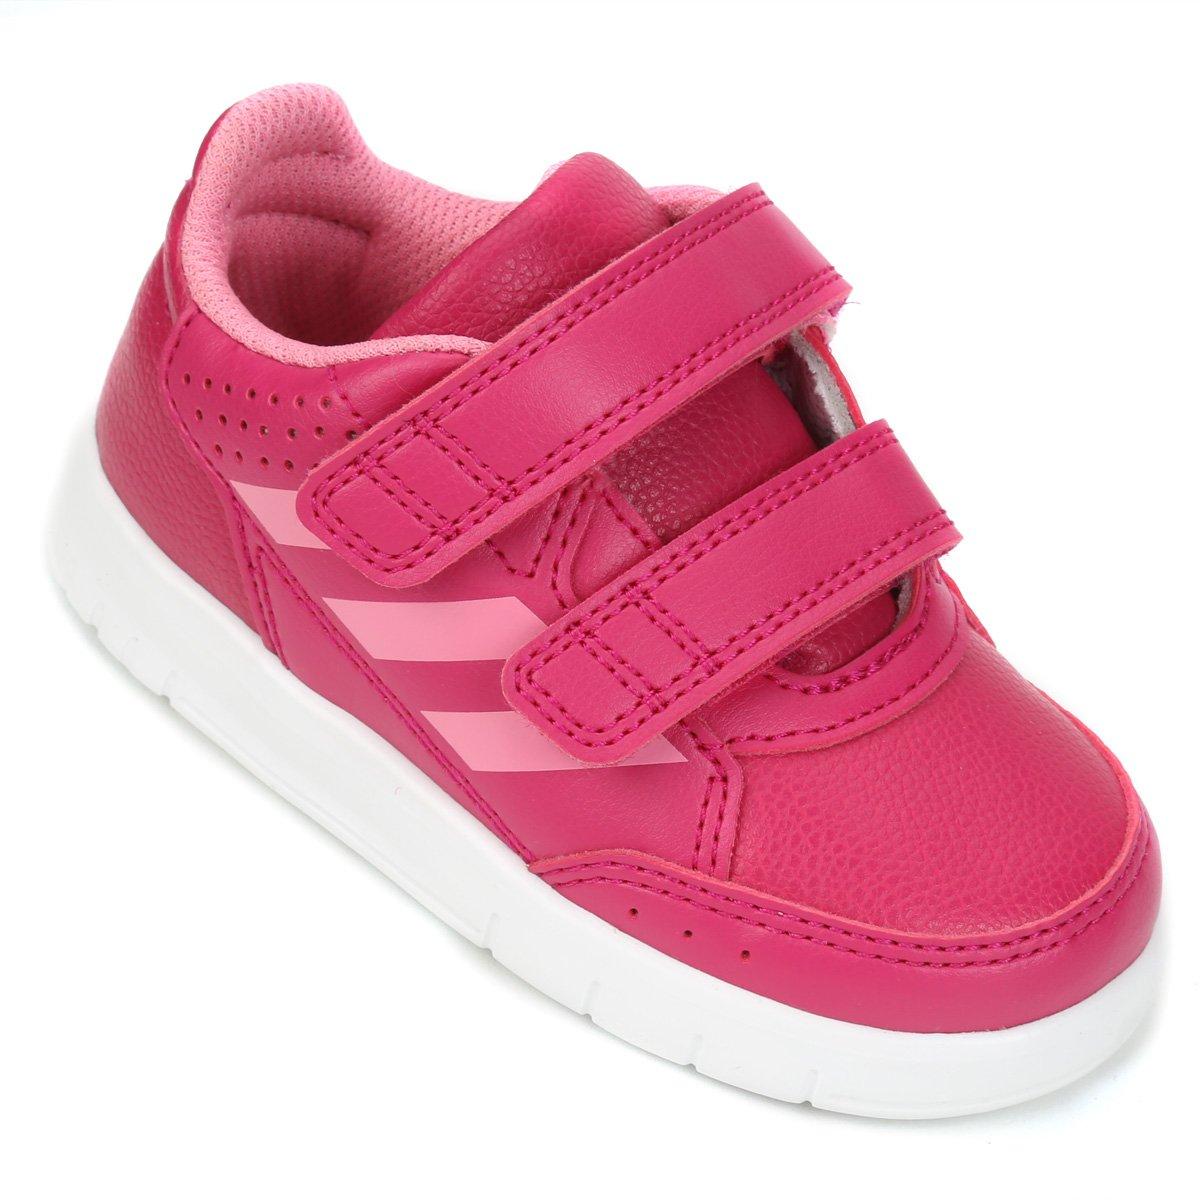 117d45474bb Tênis Infantil Adidas Altasport Cf Velcro - Pink e Branco - Compre Agora